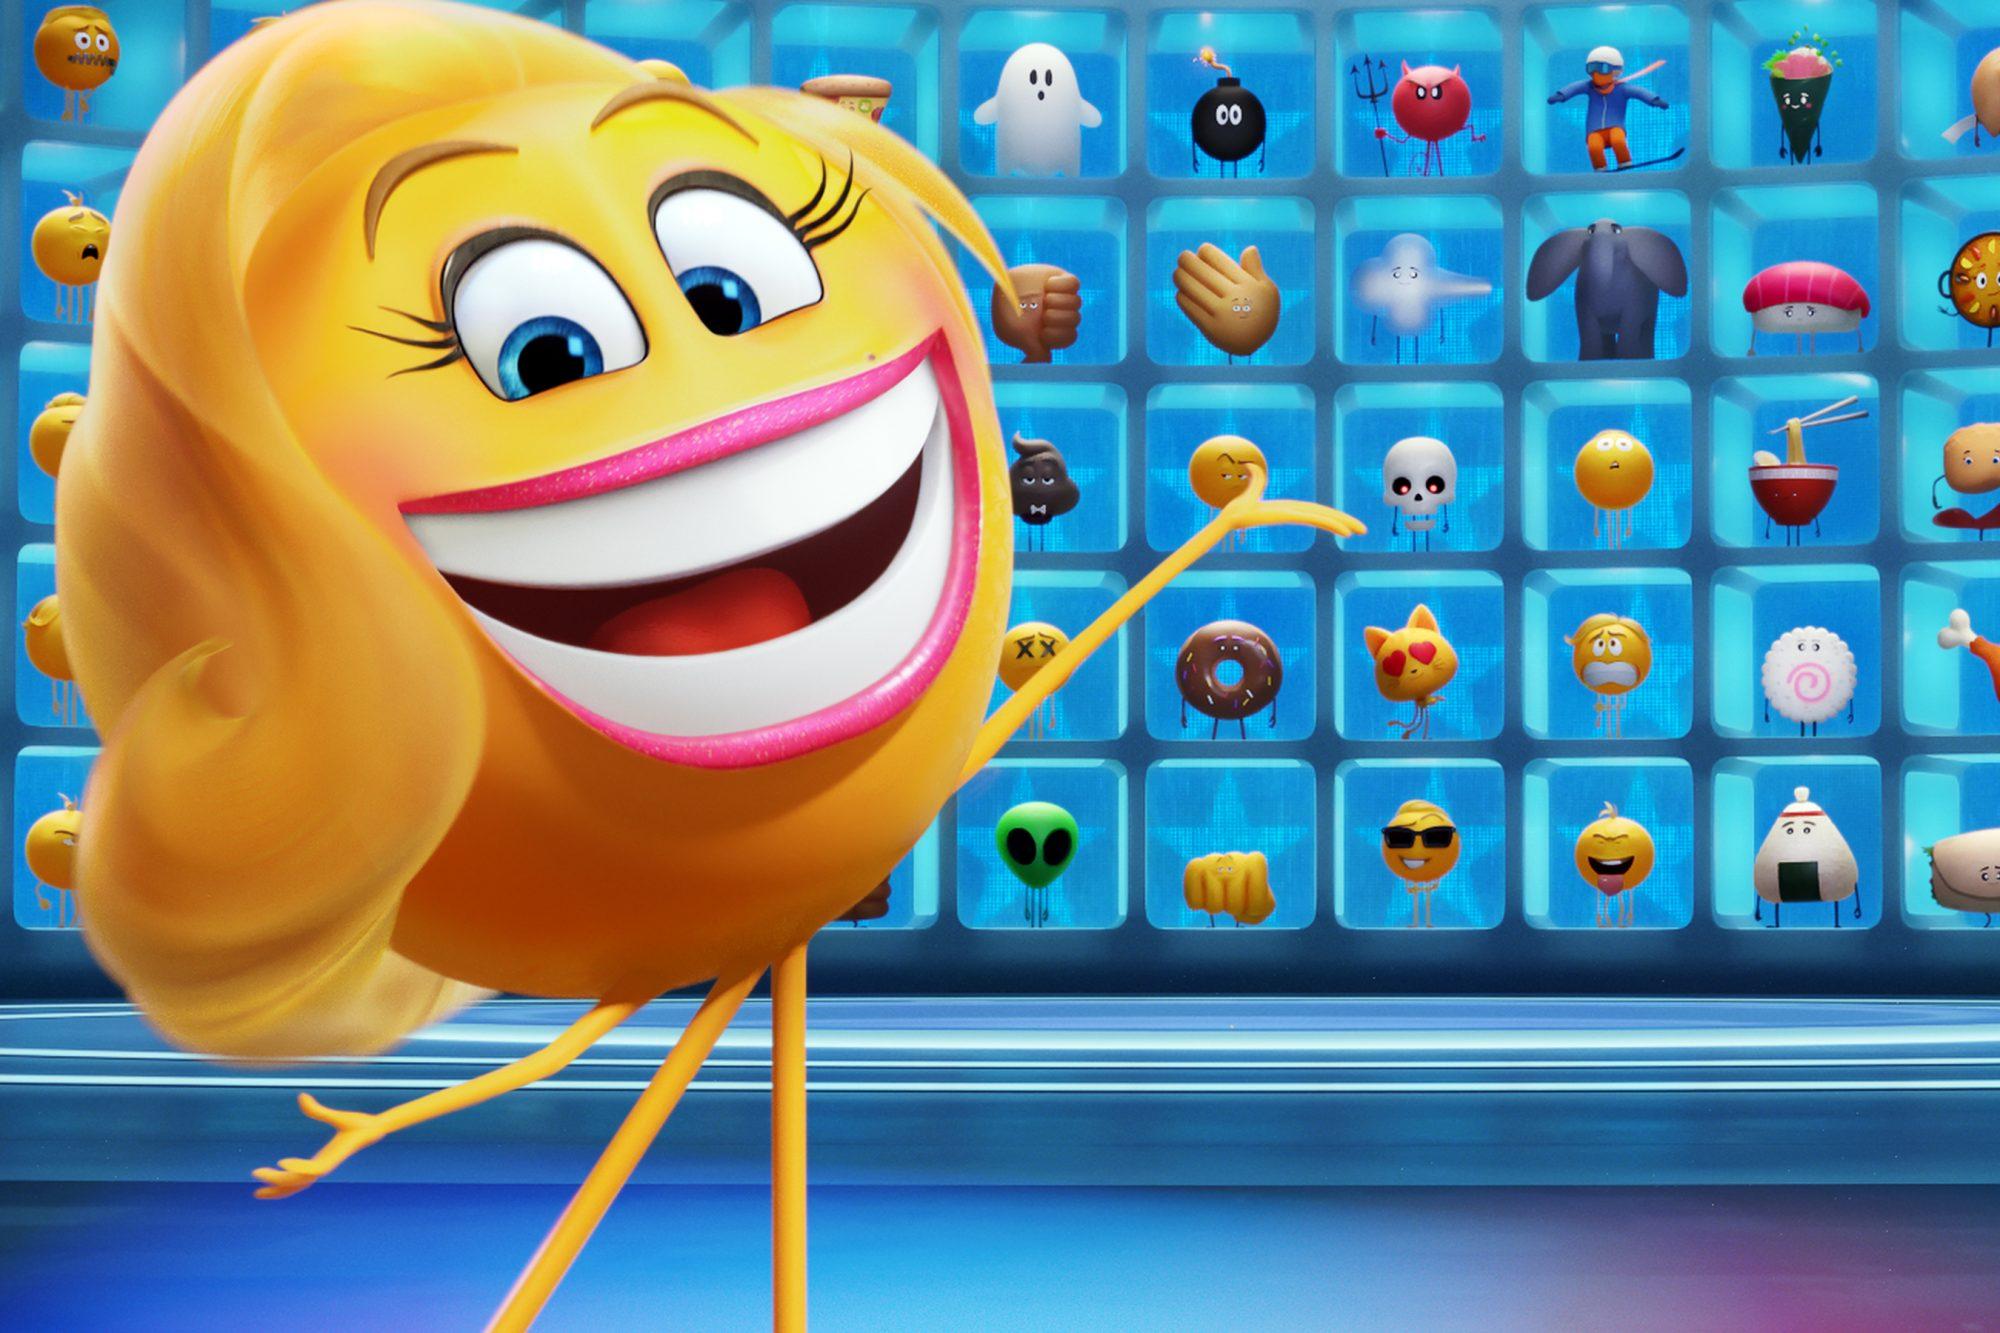 emojimovie-dom-emoji-pk-07_(emj_rec100.1128_lm_v1)